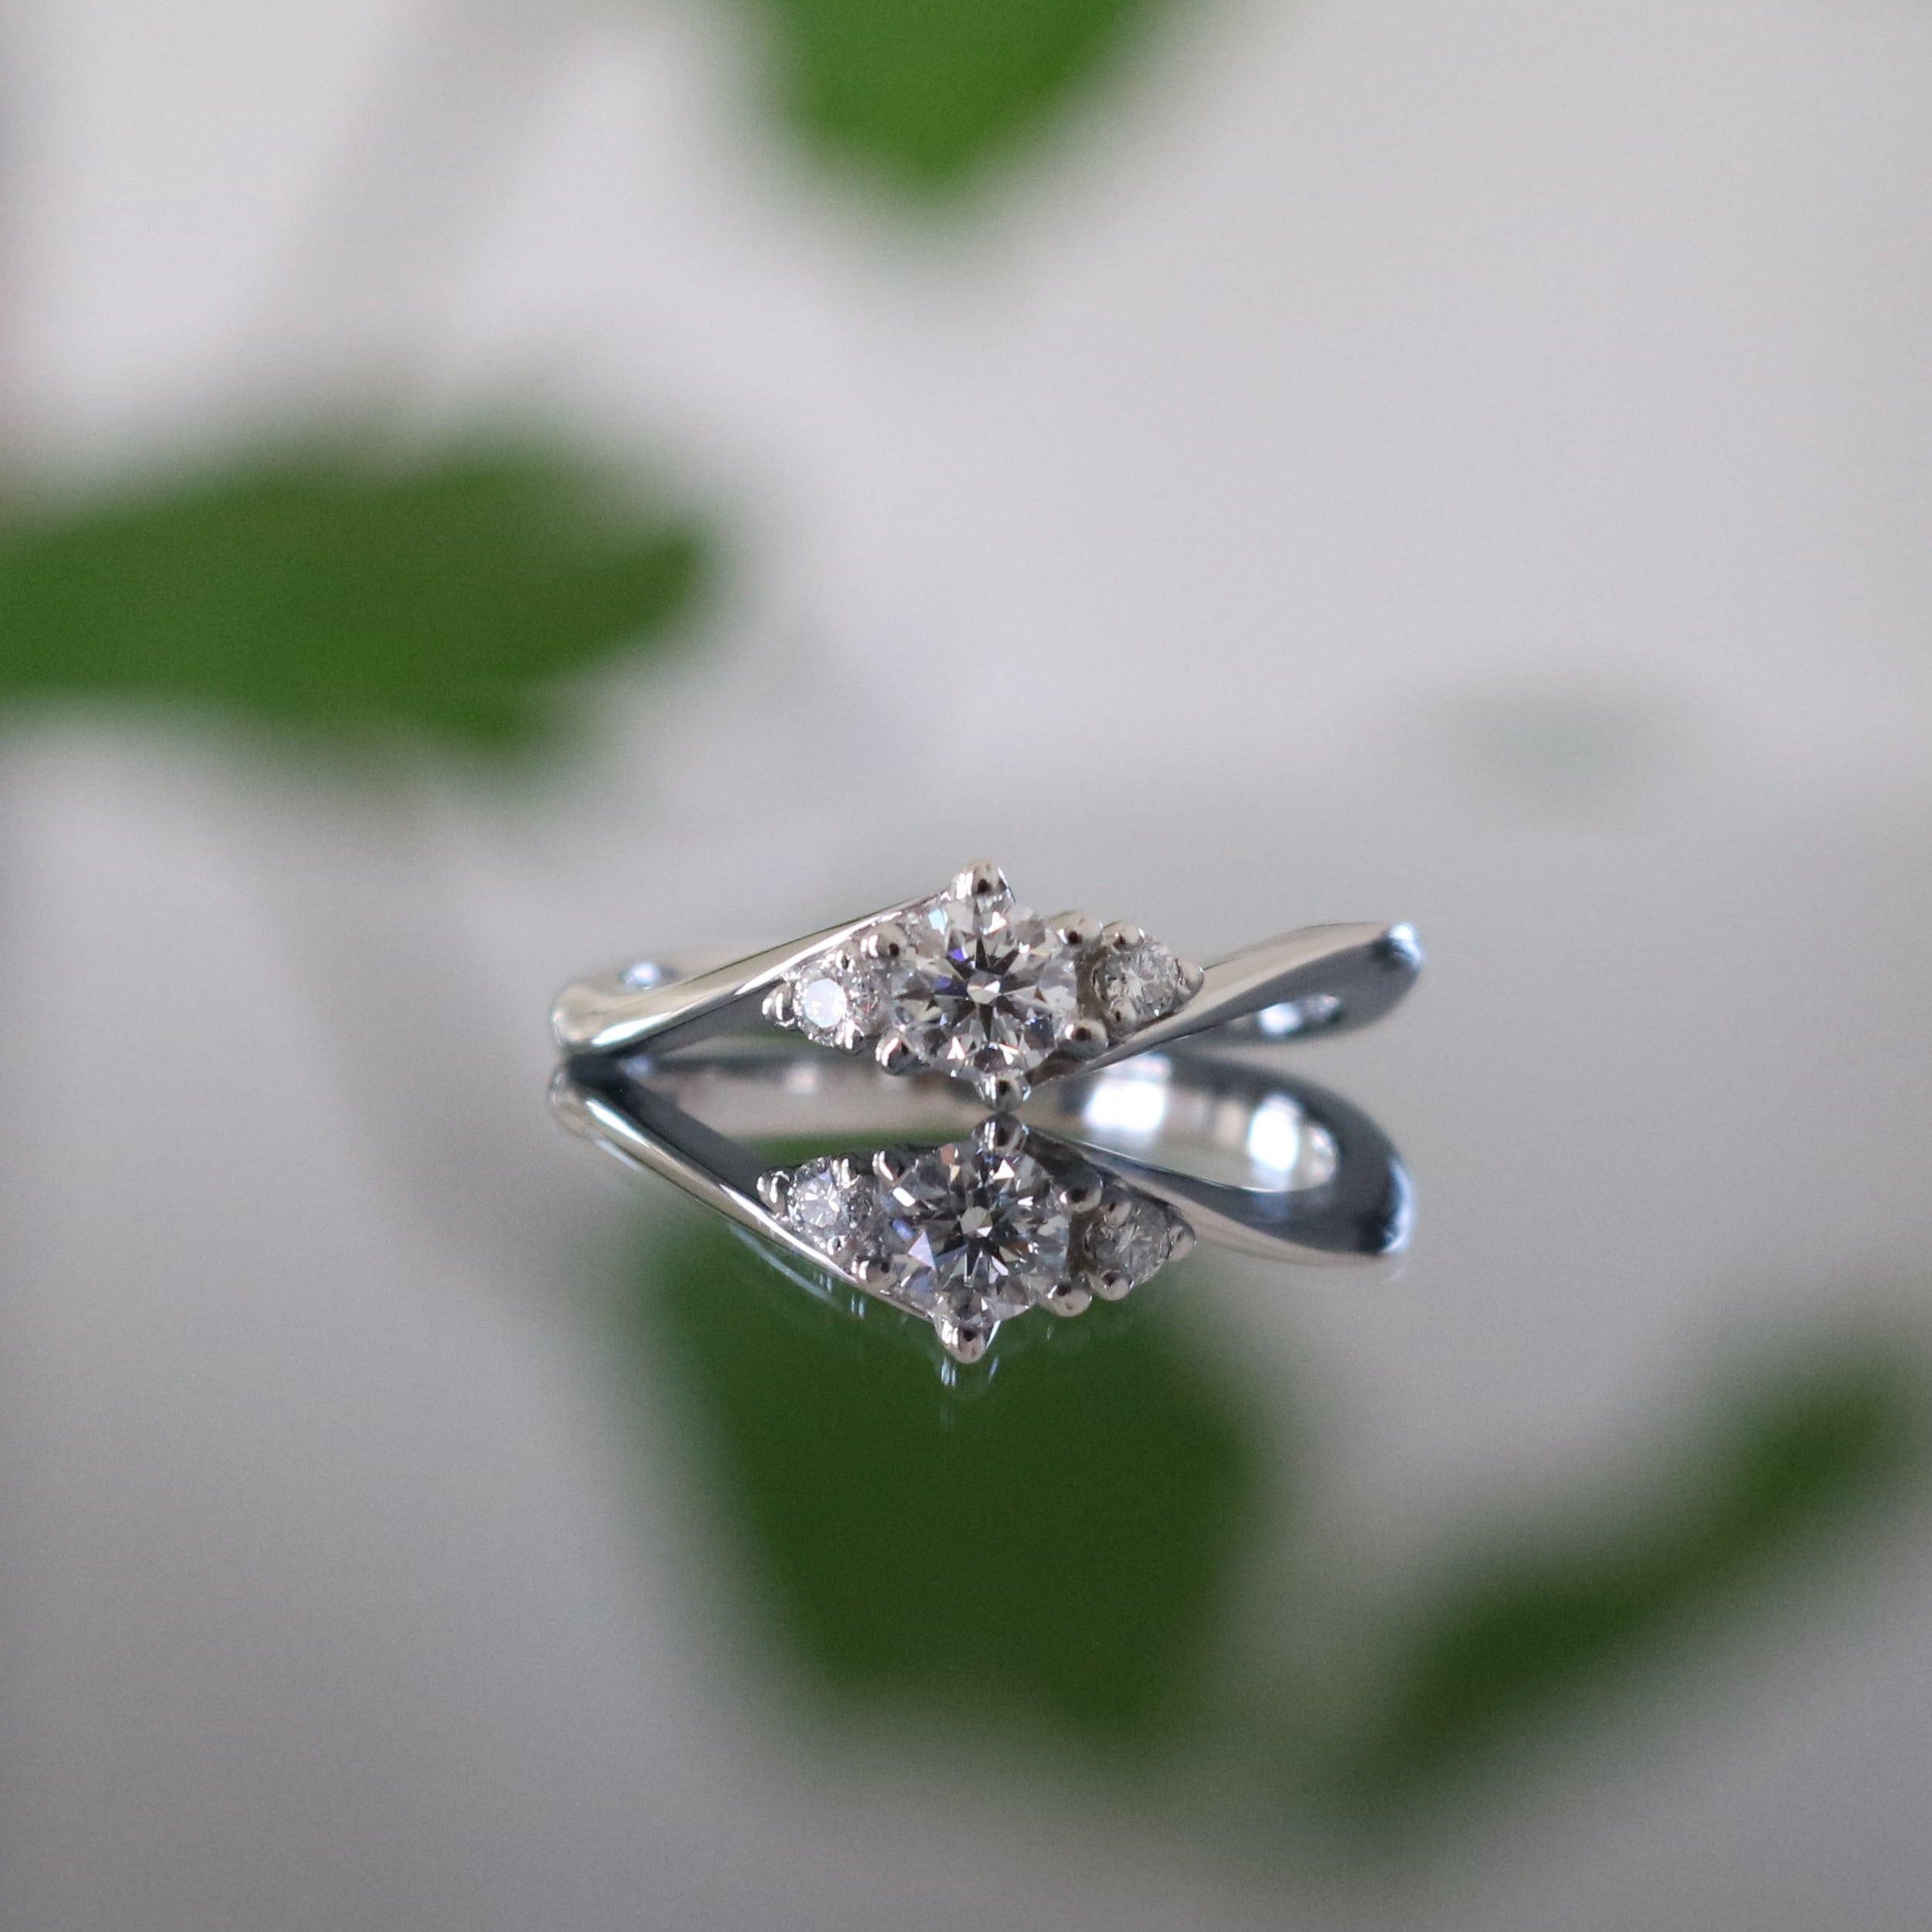 メレダイヤをあしらったウェーブデザインの婚約指輪